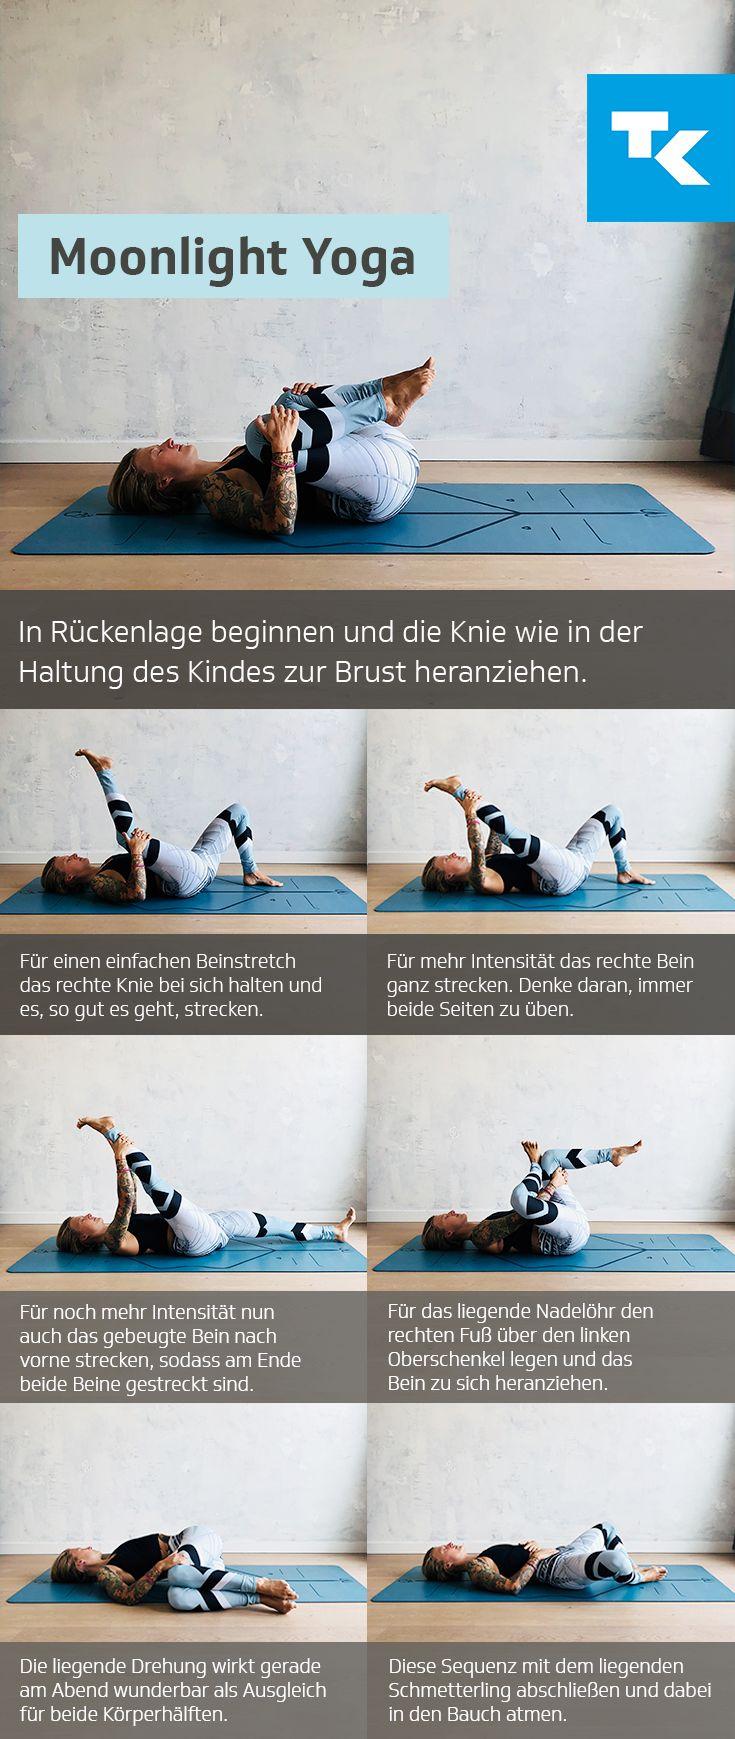 Zu müde, keine Zeit, langweilig – die Menge an Ausreden, nicht Yoga zu praktizieren, … – TK | Life Balance